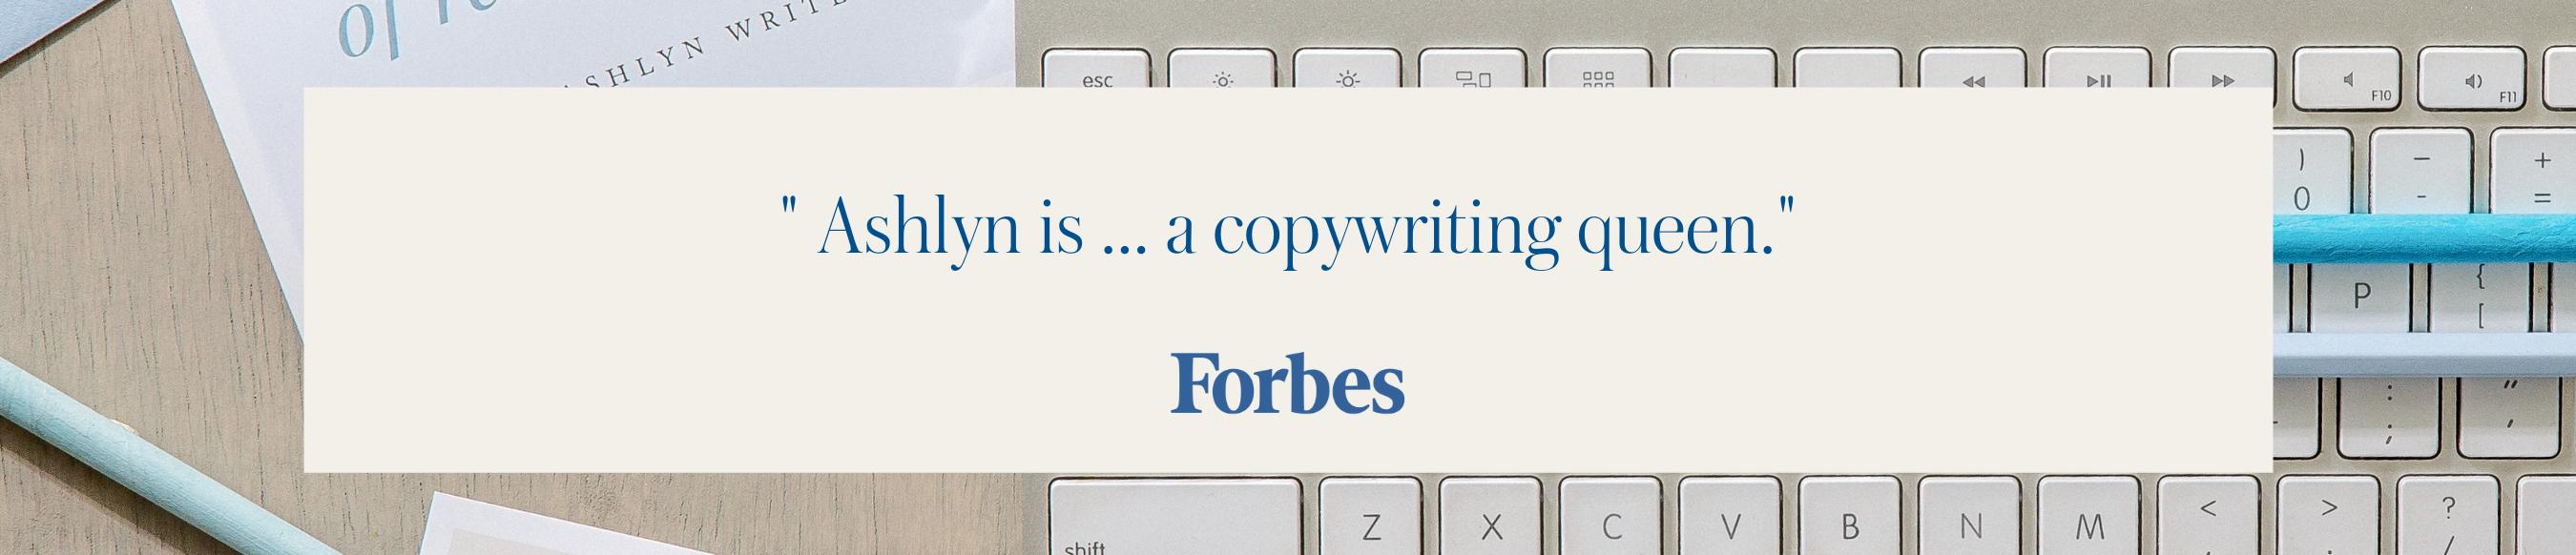 Ashlyn Writes Forbes